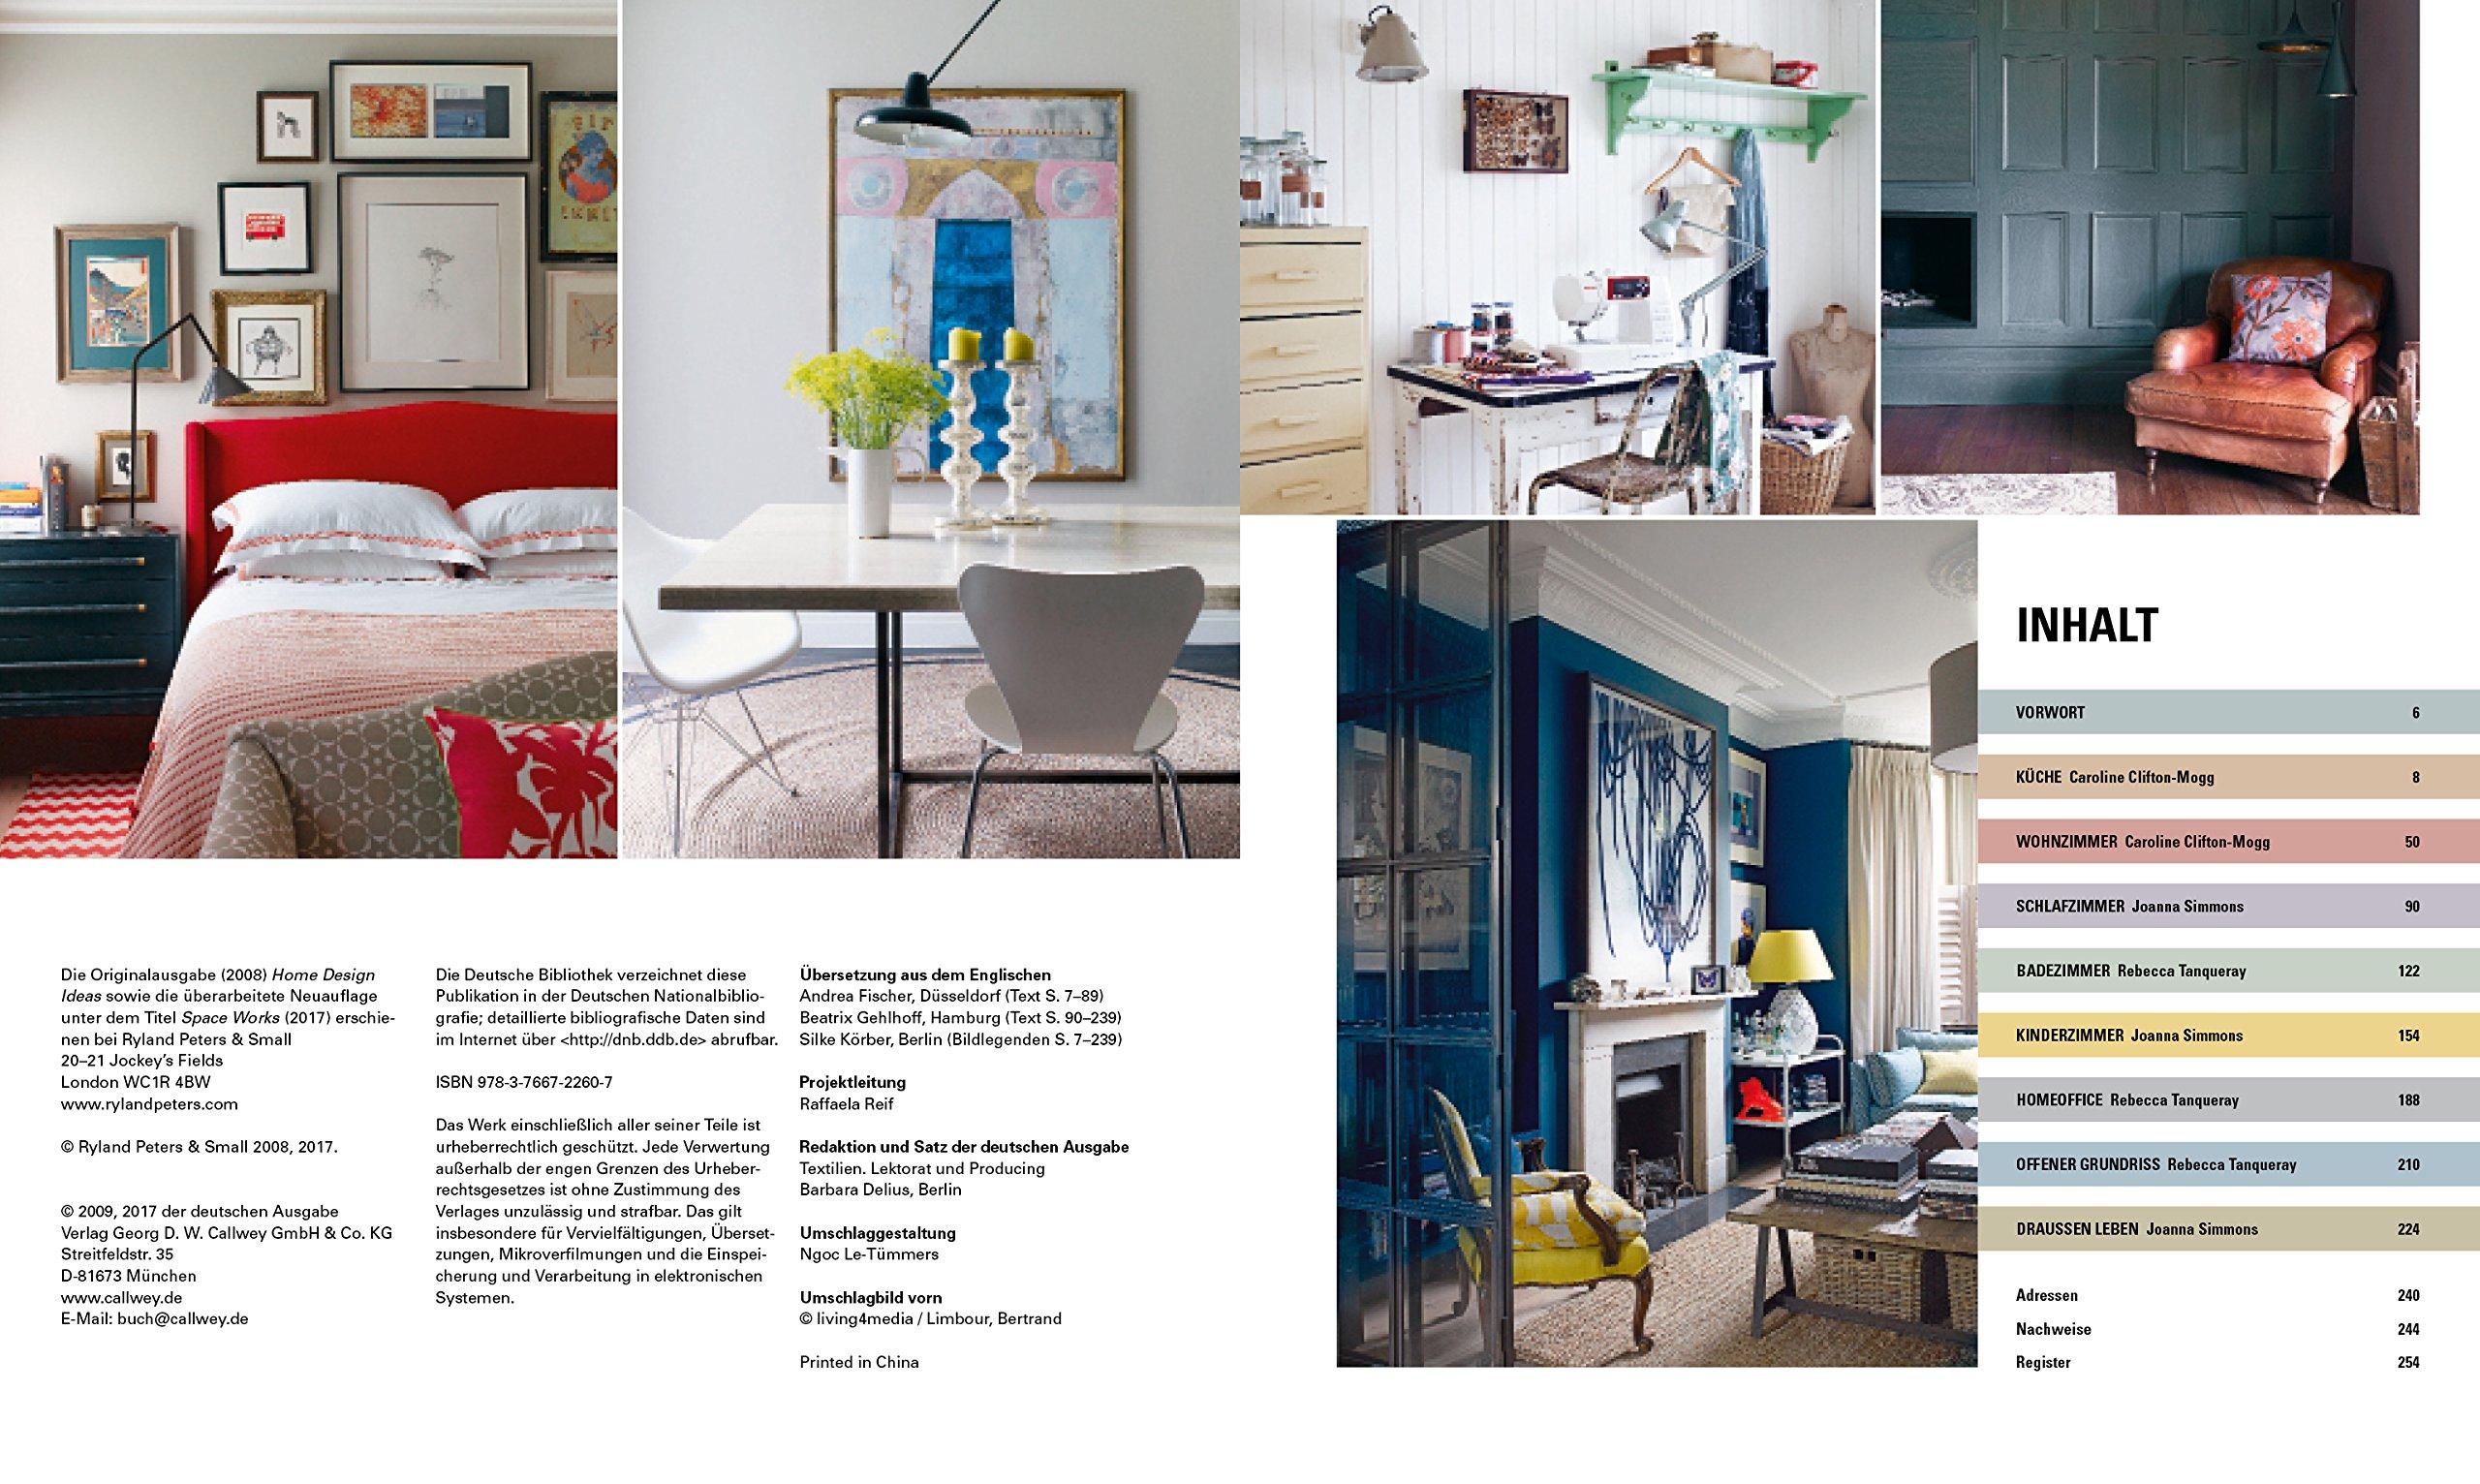 Das große Wohnbuch: 1.000 Ideen für ein schöneres Zuhause: Amazon.co ...